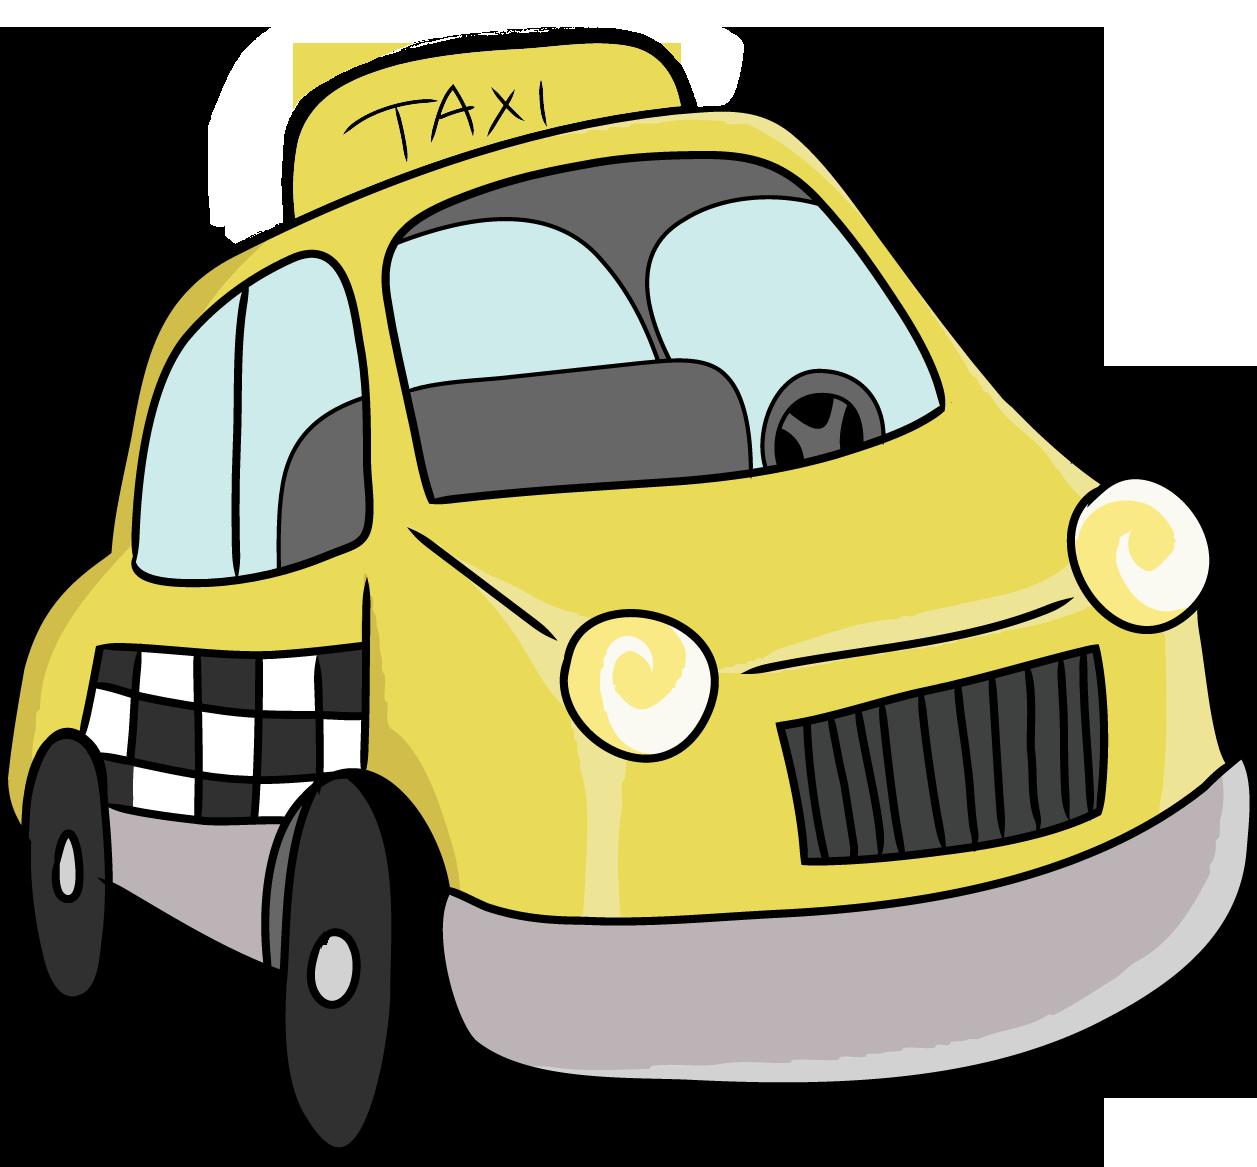 Taxi Cab Clipart-Clipartlook.com-1257-Taxi Cab Clipart-Clipartlook.com-1257-0